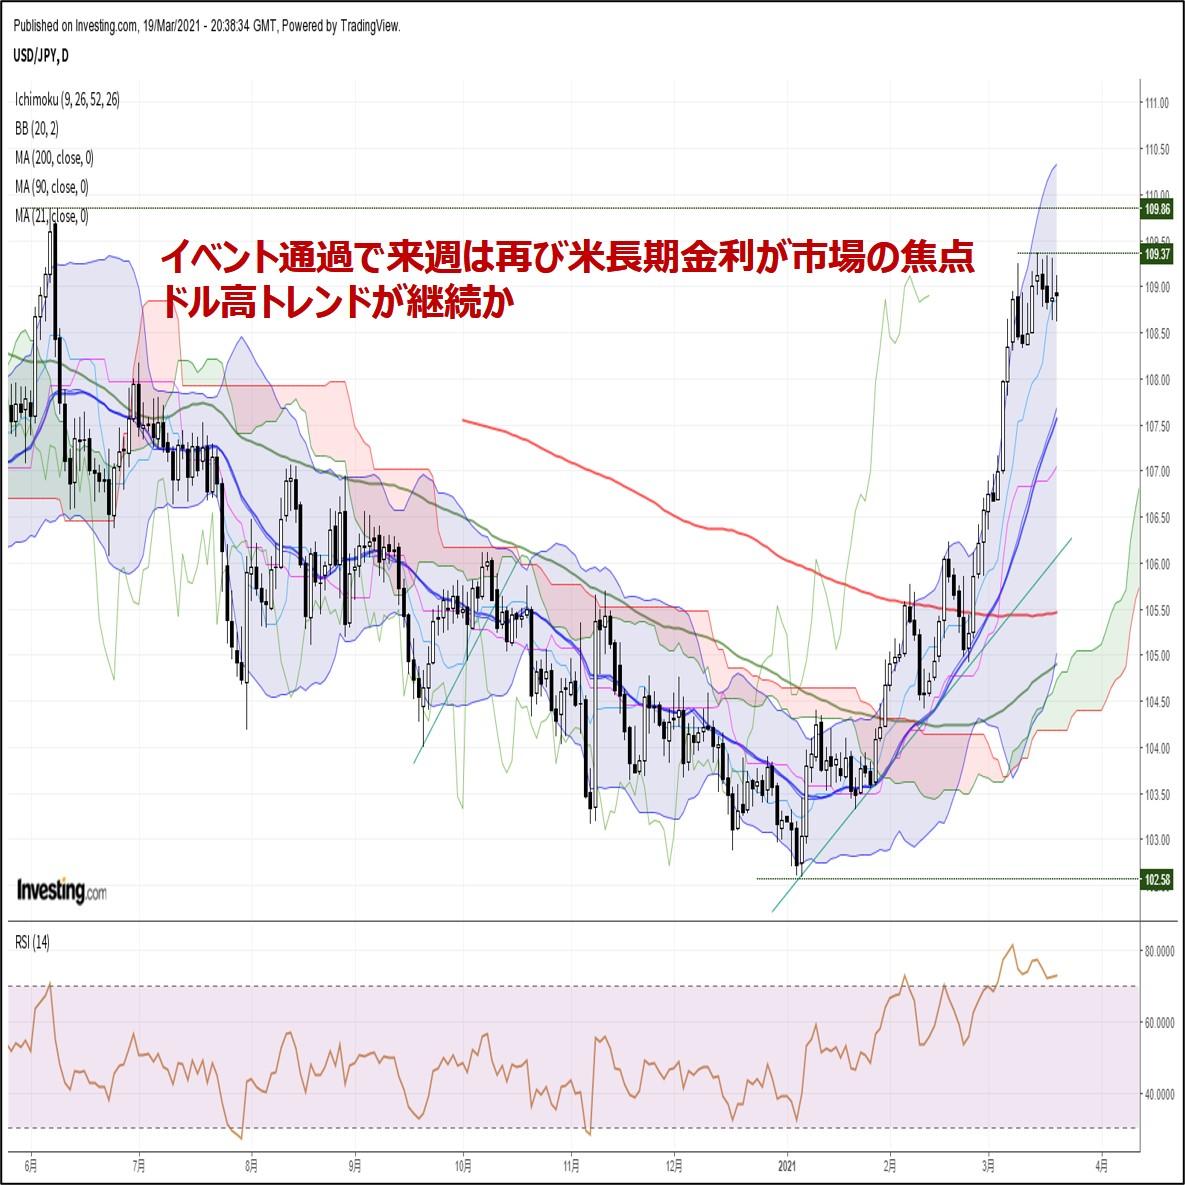 来週の為替相場見通し:『イベント通過で来週は再び米長期金利が市場の焦点』(3/20朝)